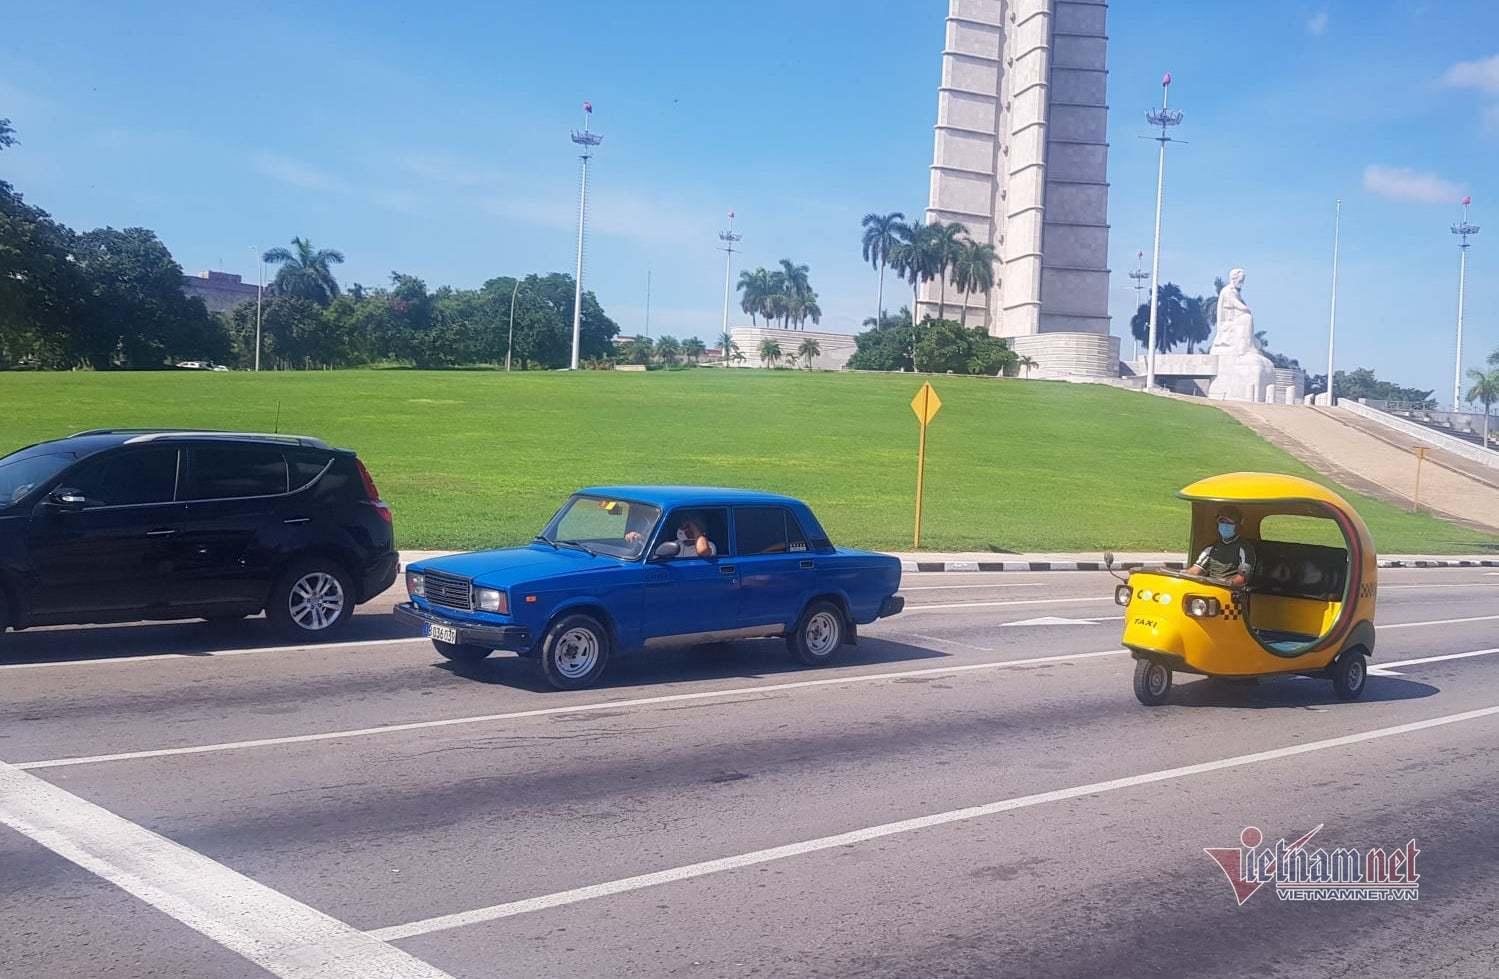 Ngắm xe cổ Lada ở Cuba giá tới 30.000 USD